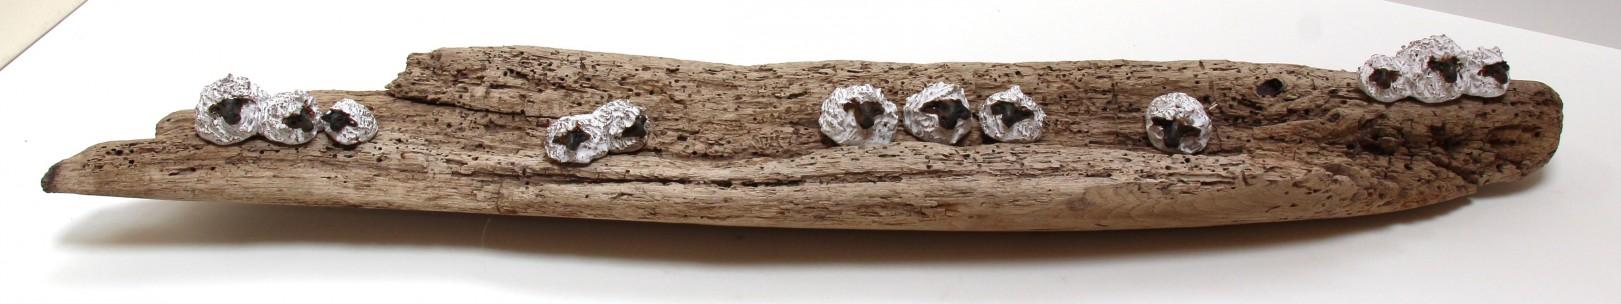 Jane Adams_Original_Ceramic on Driftwood_12 Sheep on a Wormy Log_36x7x5 (1)